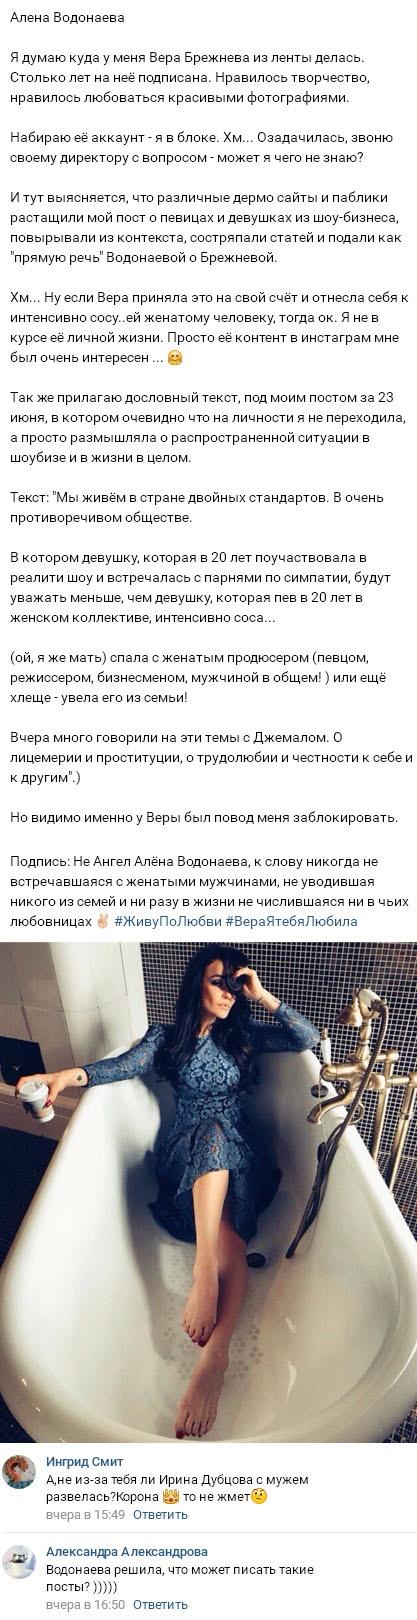 Вера Брежнева опустила на землю обнаглевшую Алену Водонаеву